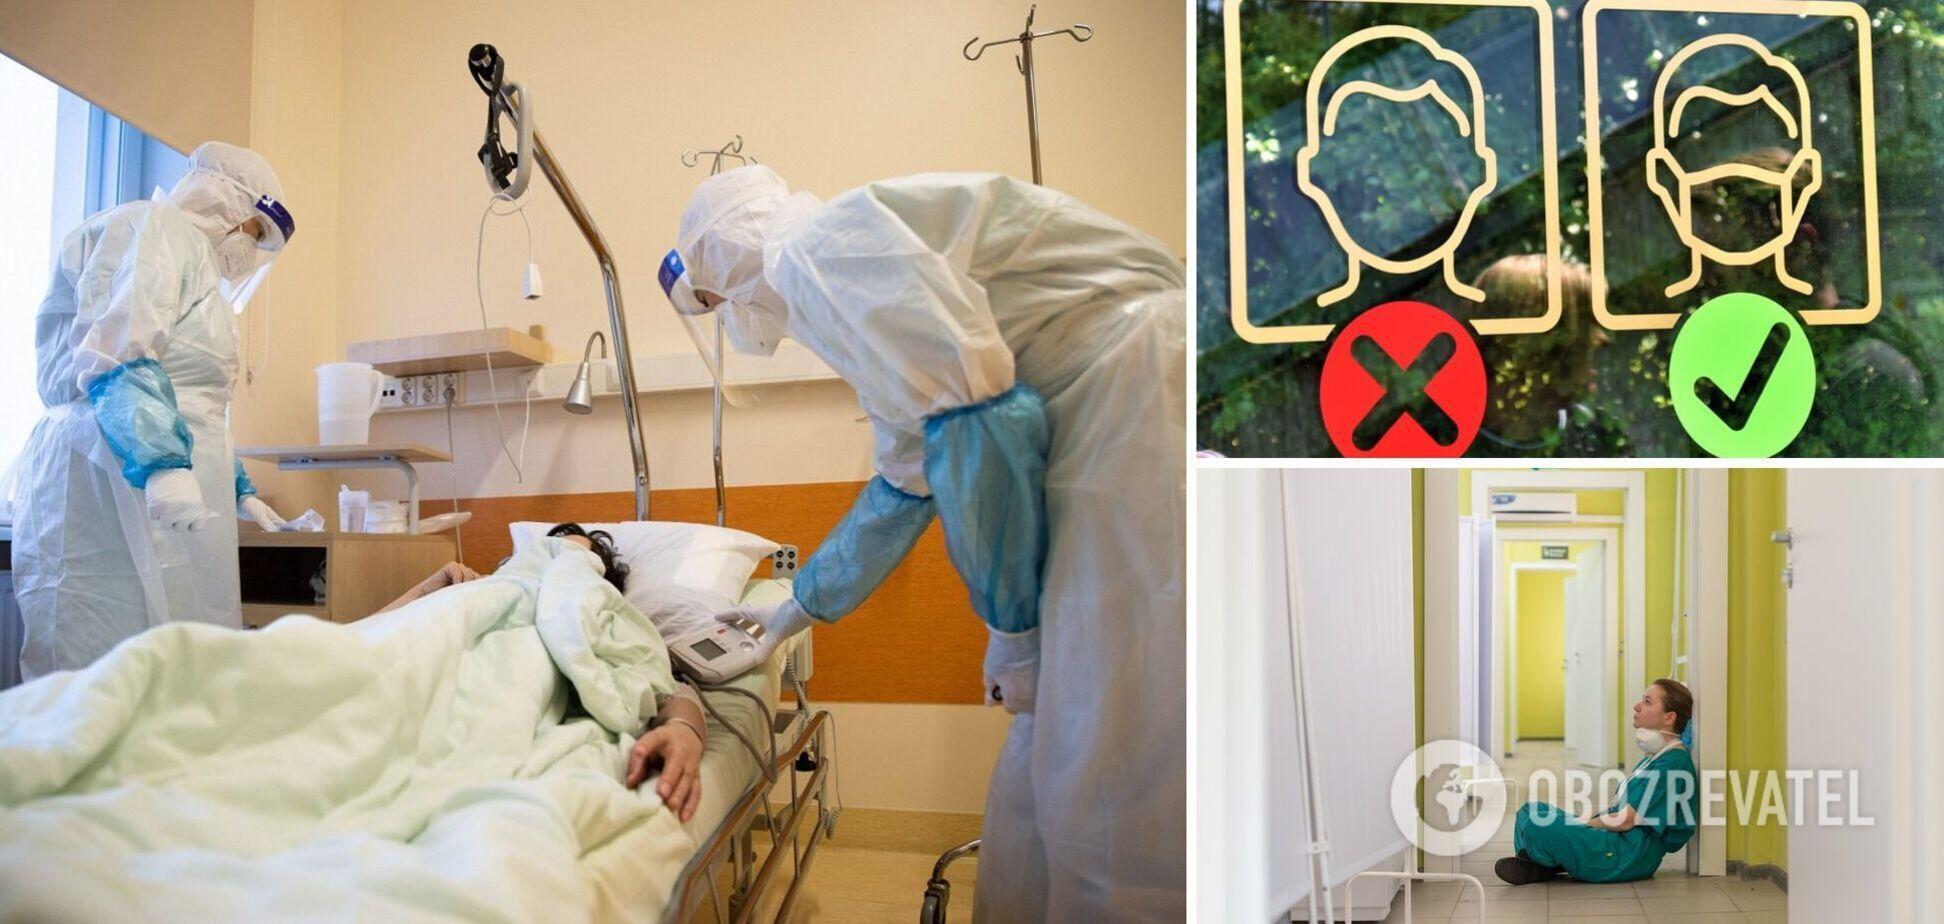 Лікар про ситуацію з COVID-19 в Україні: це ще не дно, нас чекають найгірші дні